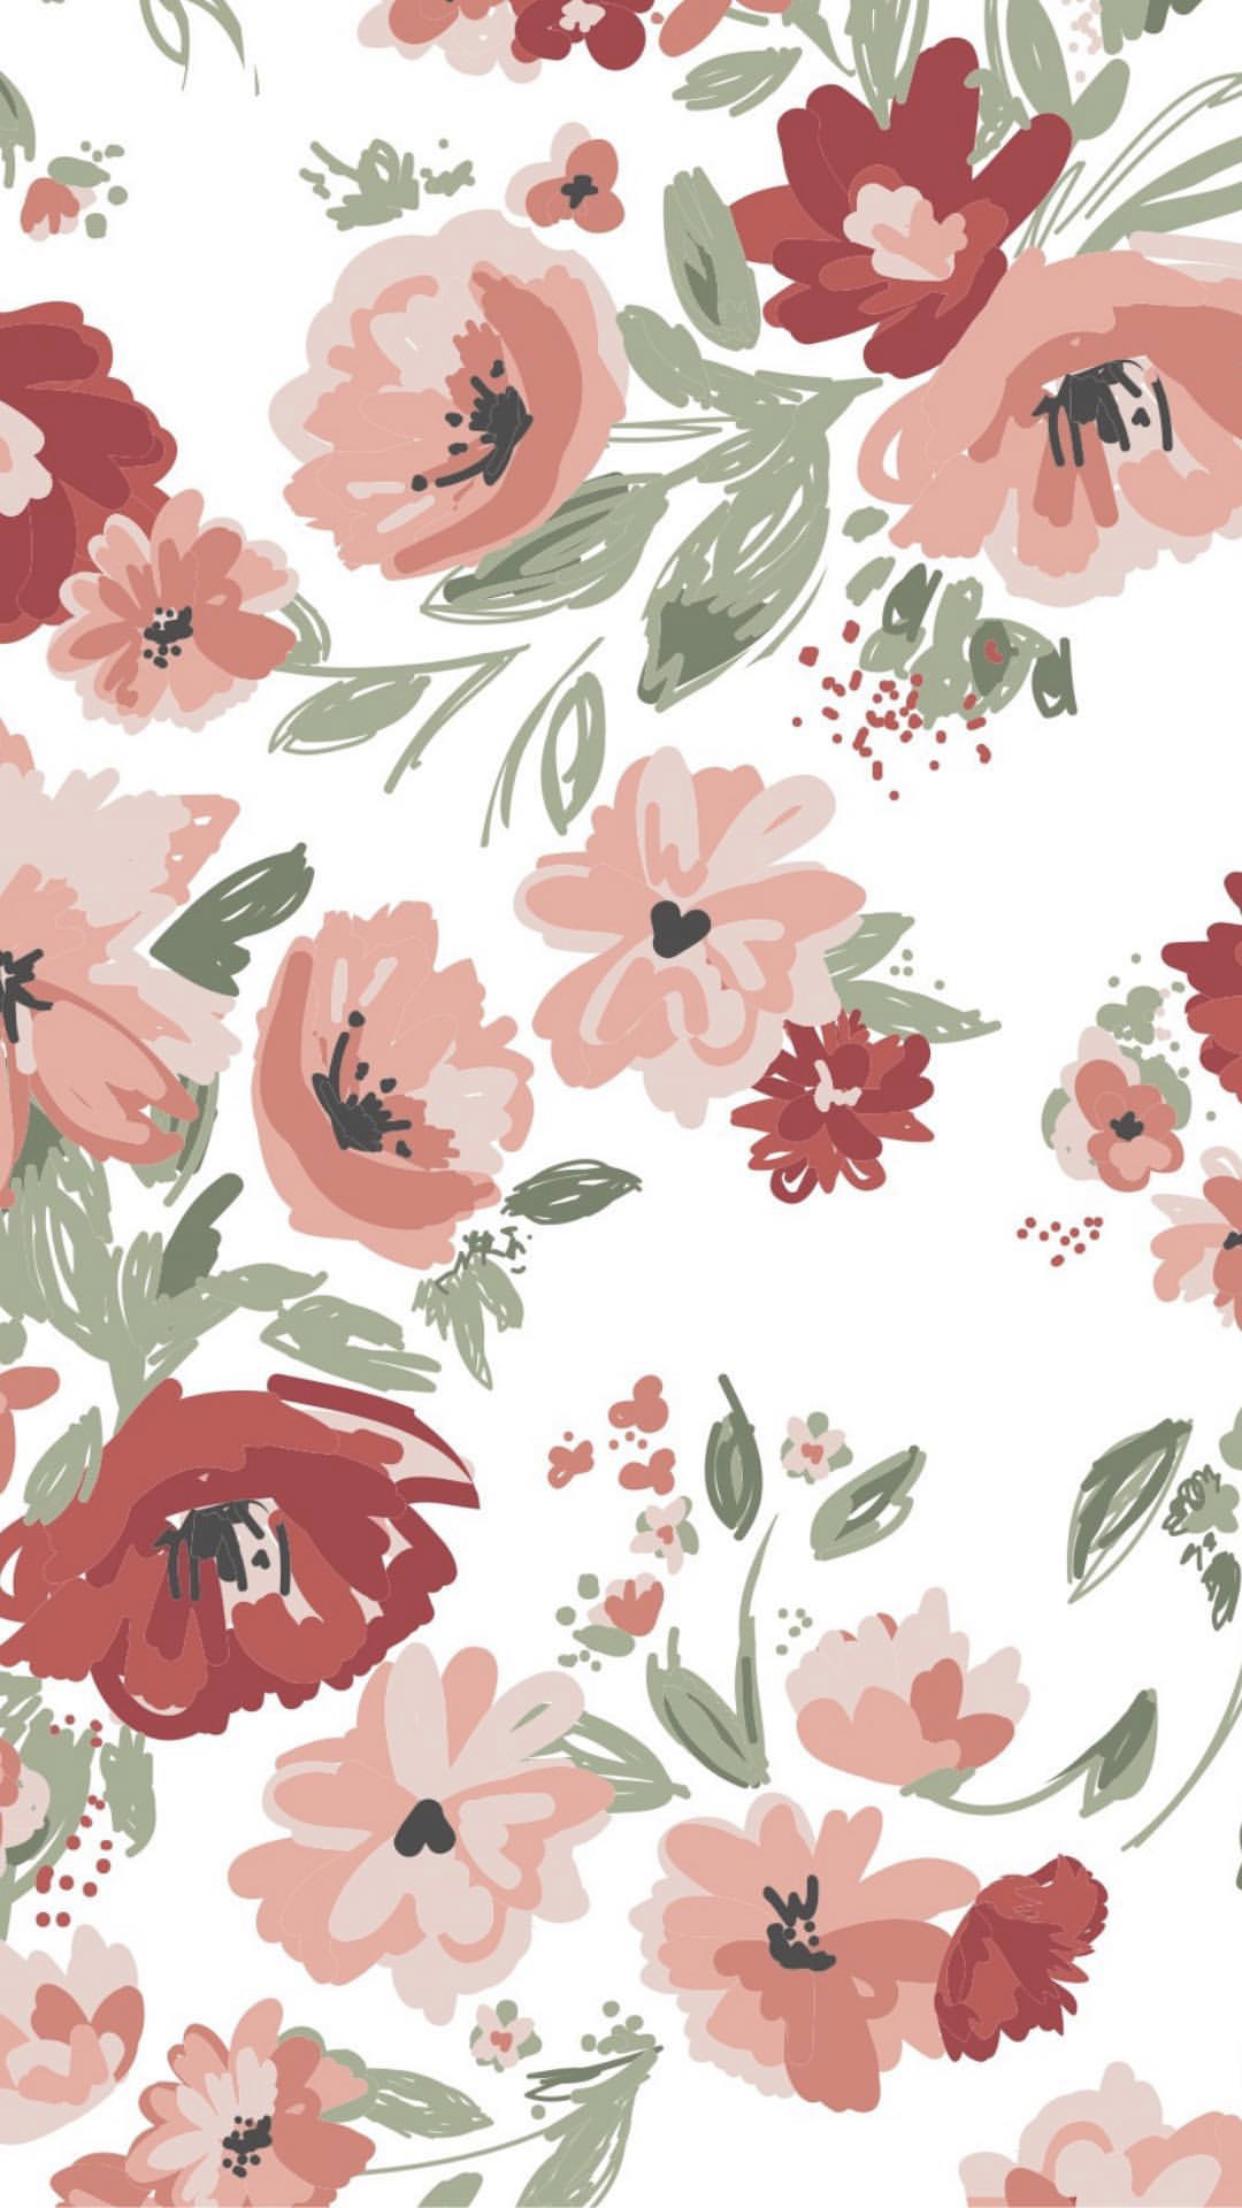 #FlowerWallpaper #phonebackgrounds #FlowerWallpaper